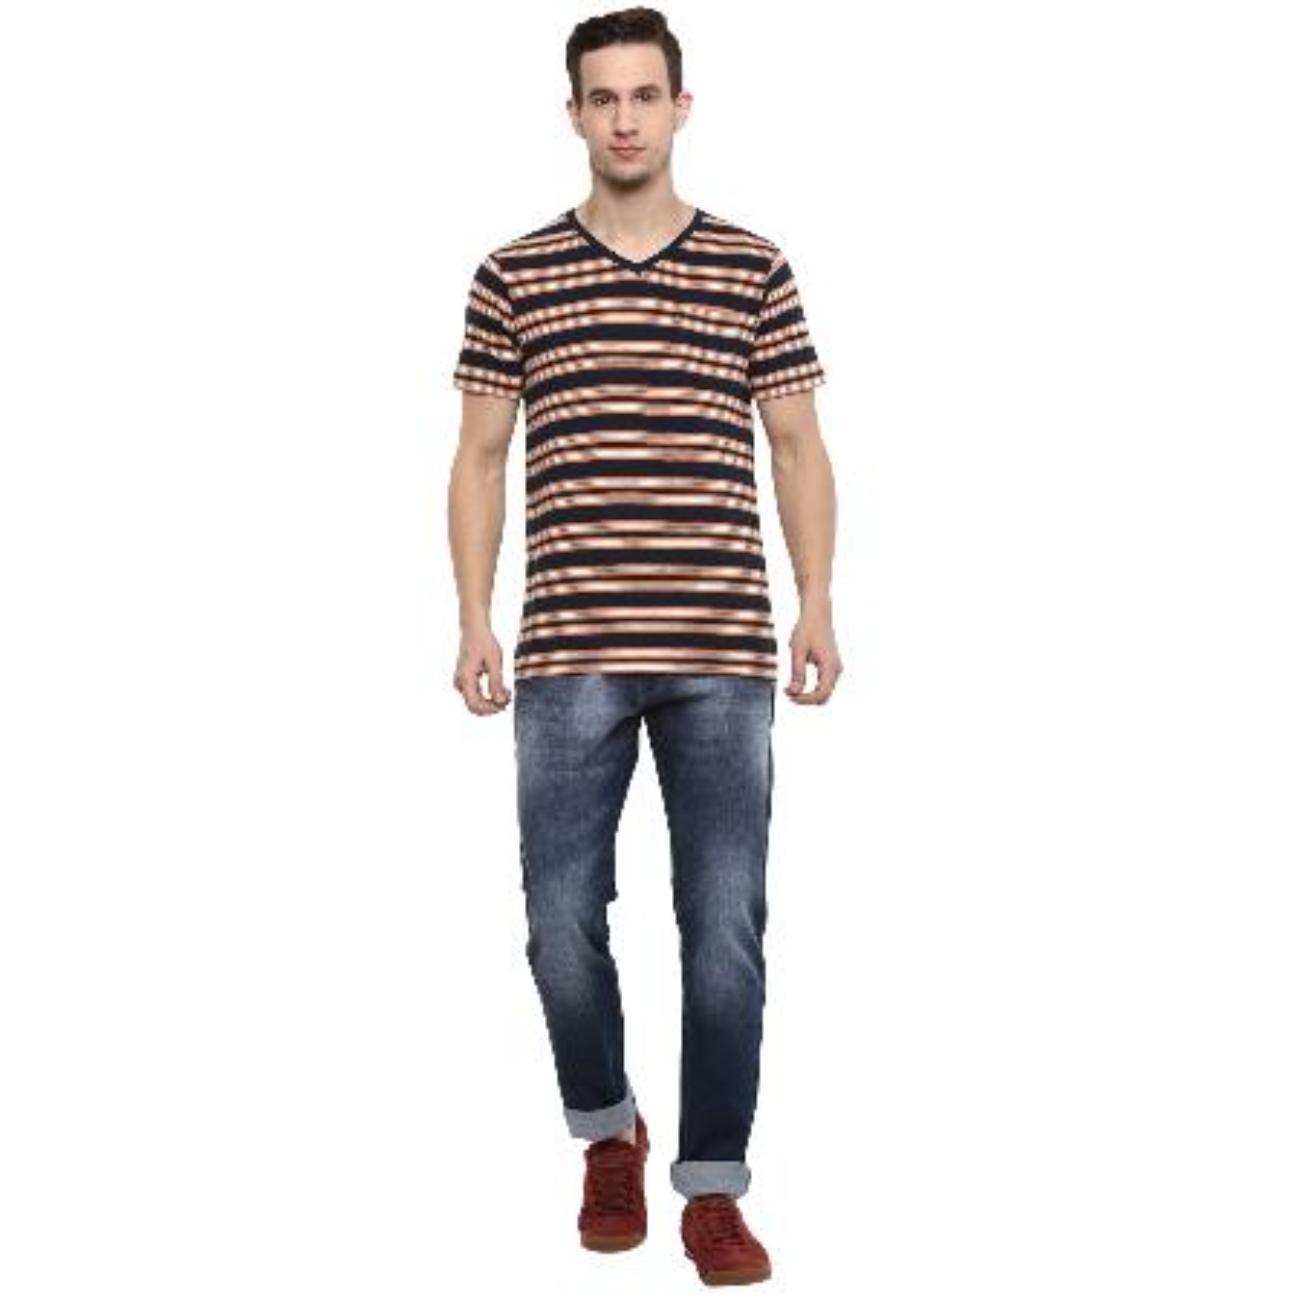 VNeck Tshirts for Men